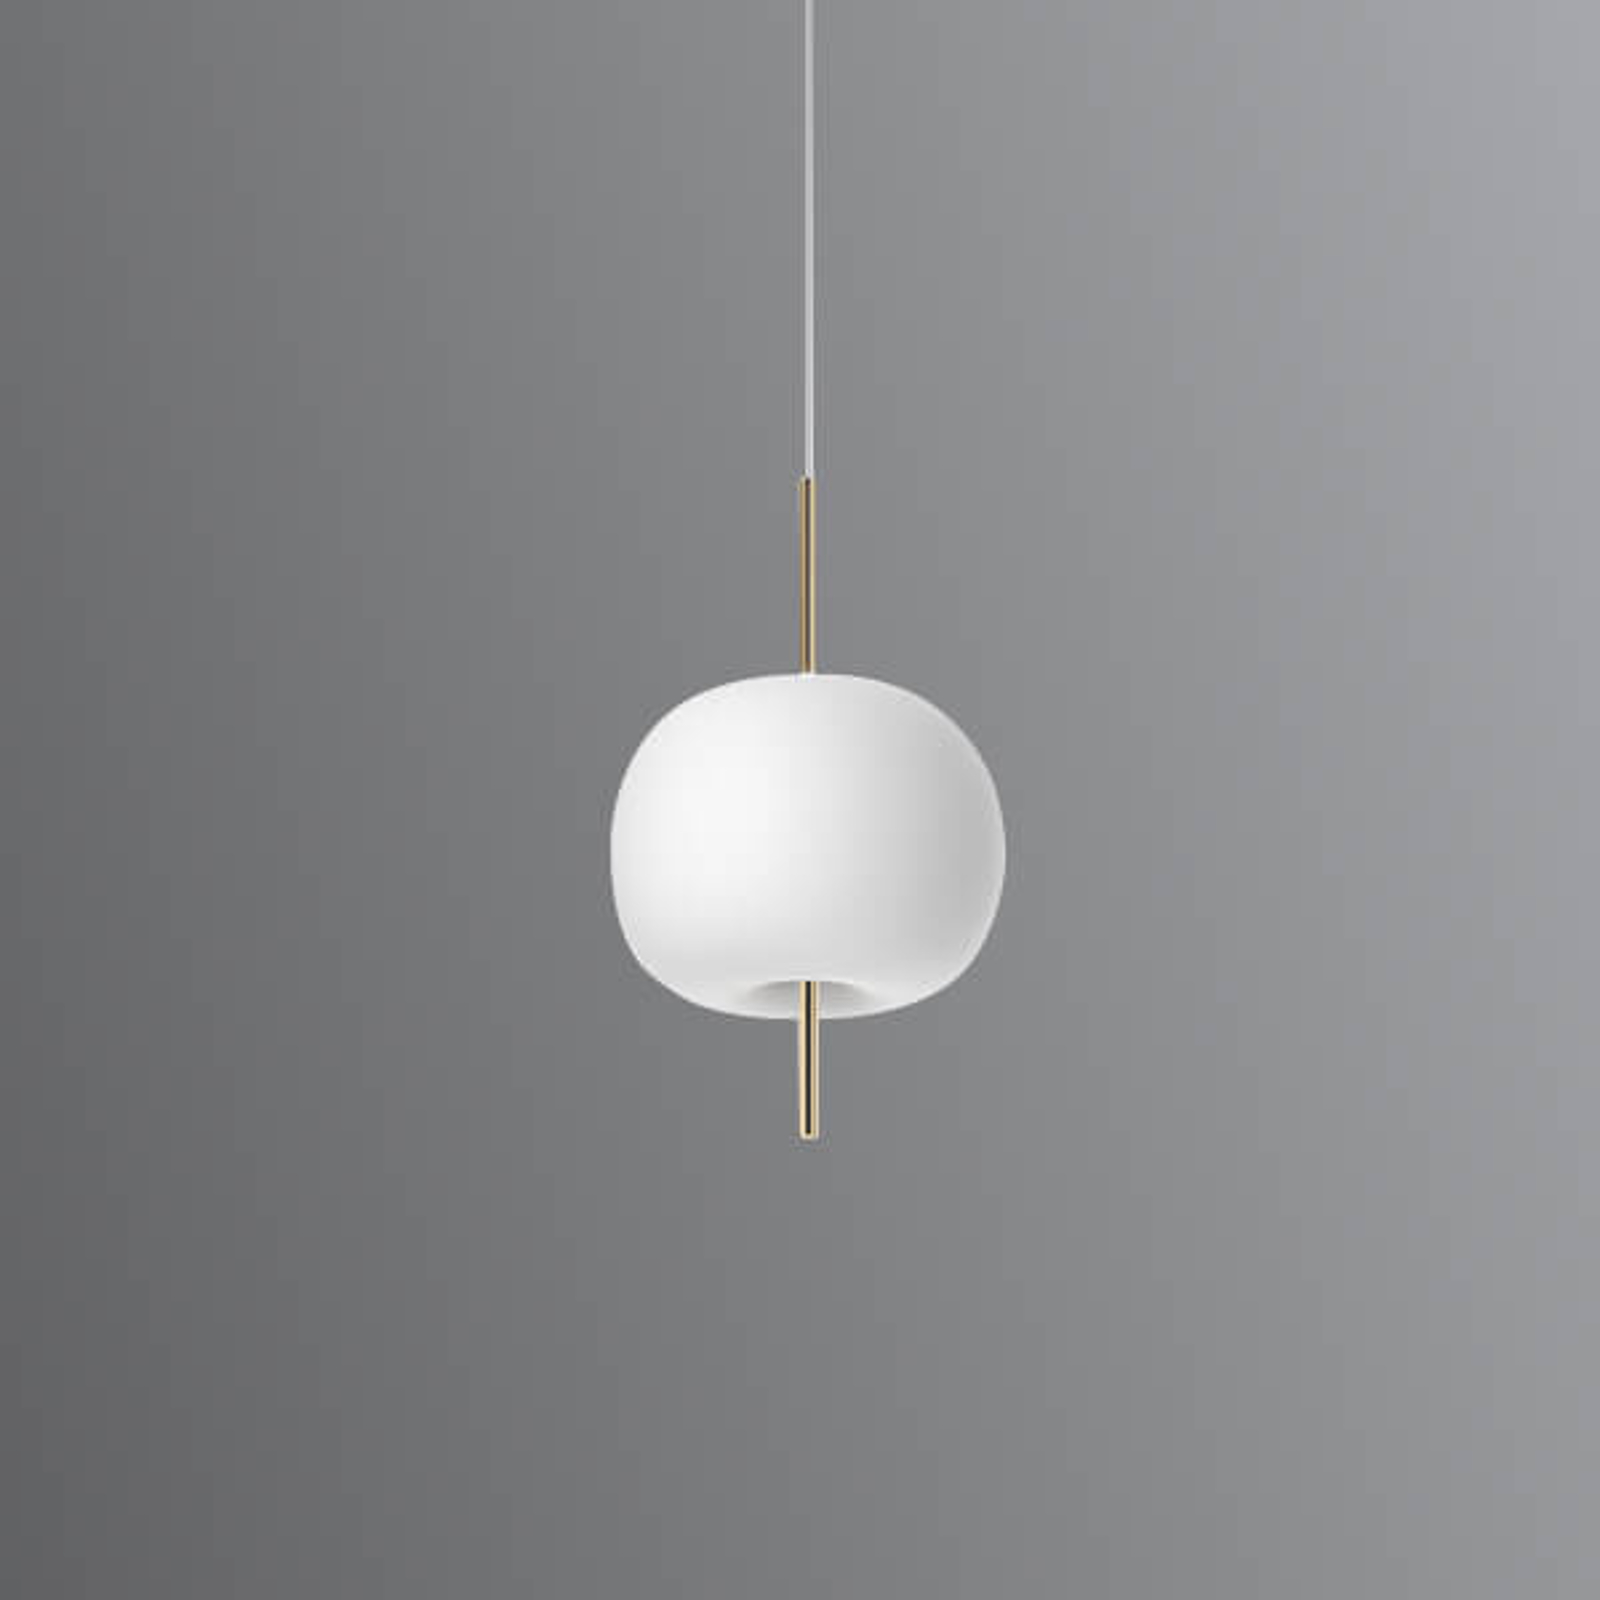 Kundalini Kushi - LED-Hängeleuchte messing 16cm